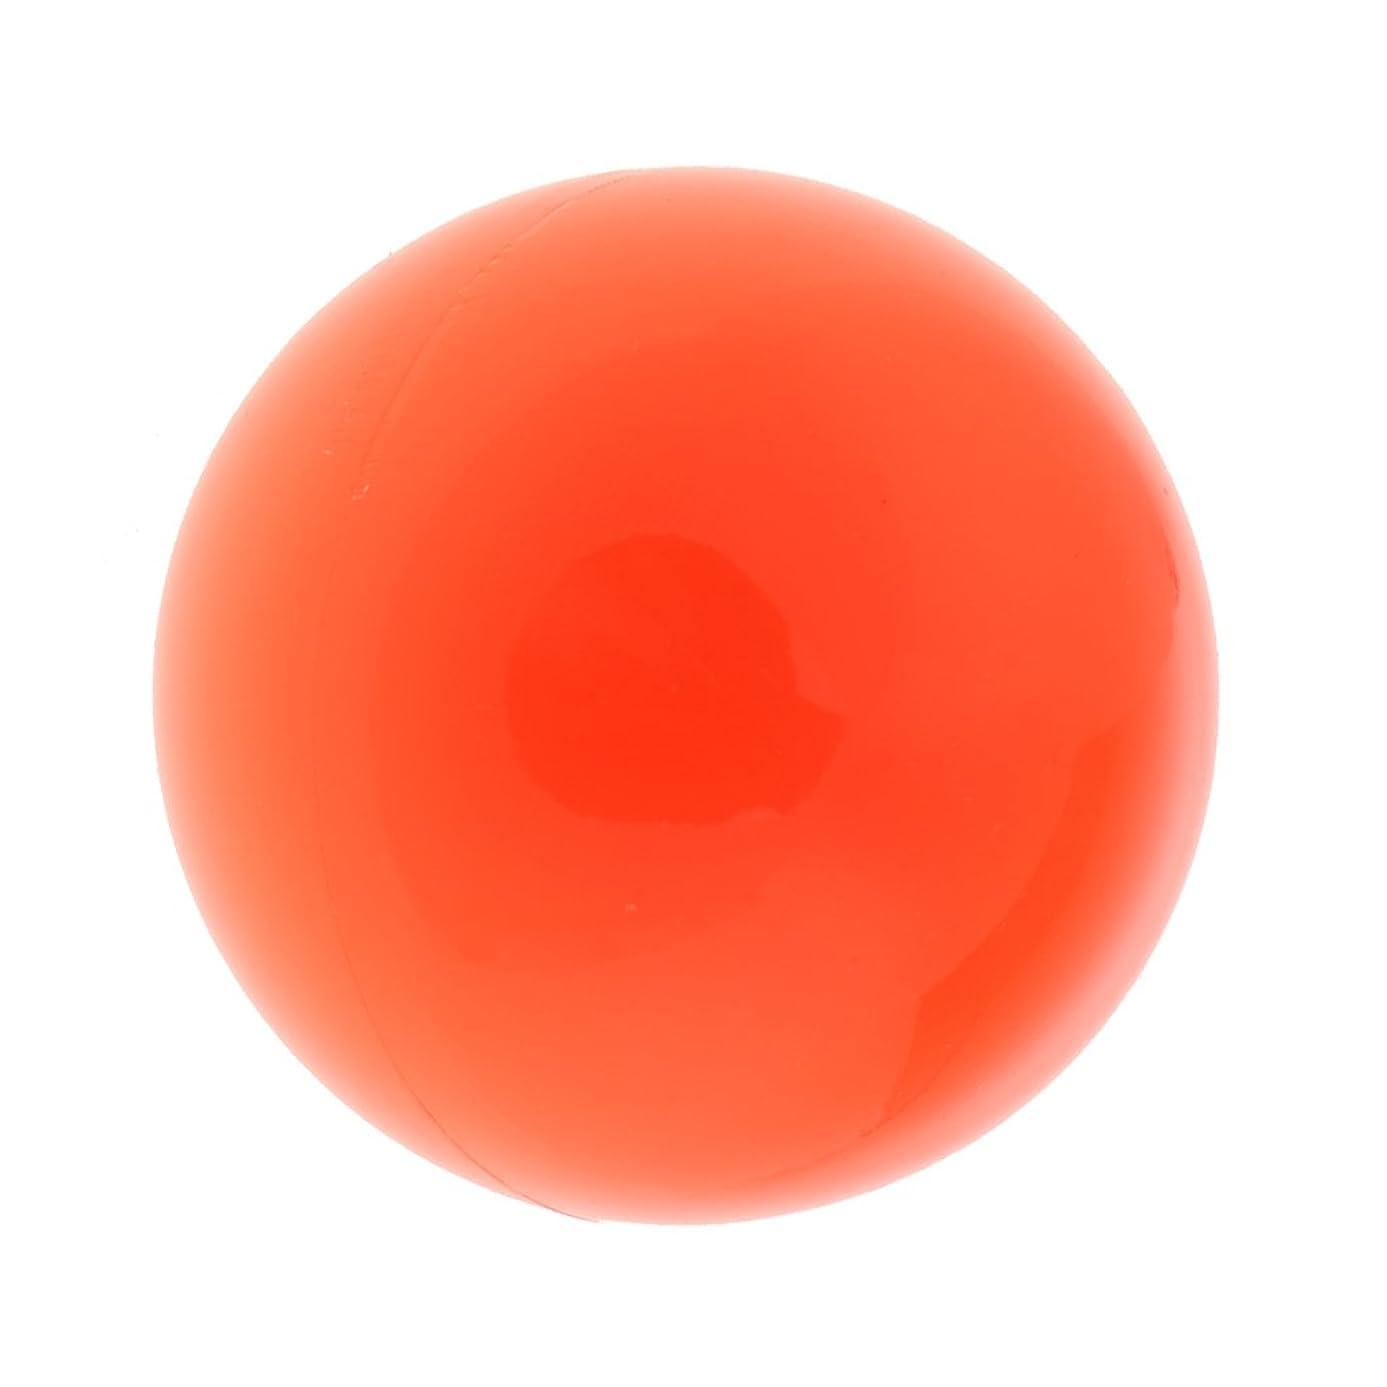 コンプライアンス公爵夫人オーガニックFenteer ラクロスマッサージボール マッサージボール マッサージ 手のひら 足 腕 首 背中 足首 ジム ホーム 便利 オレンジ